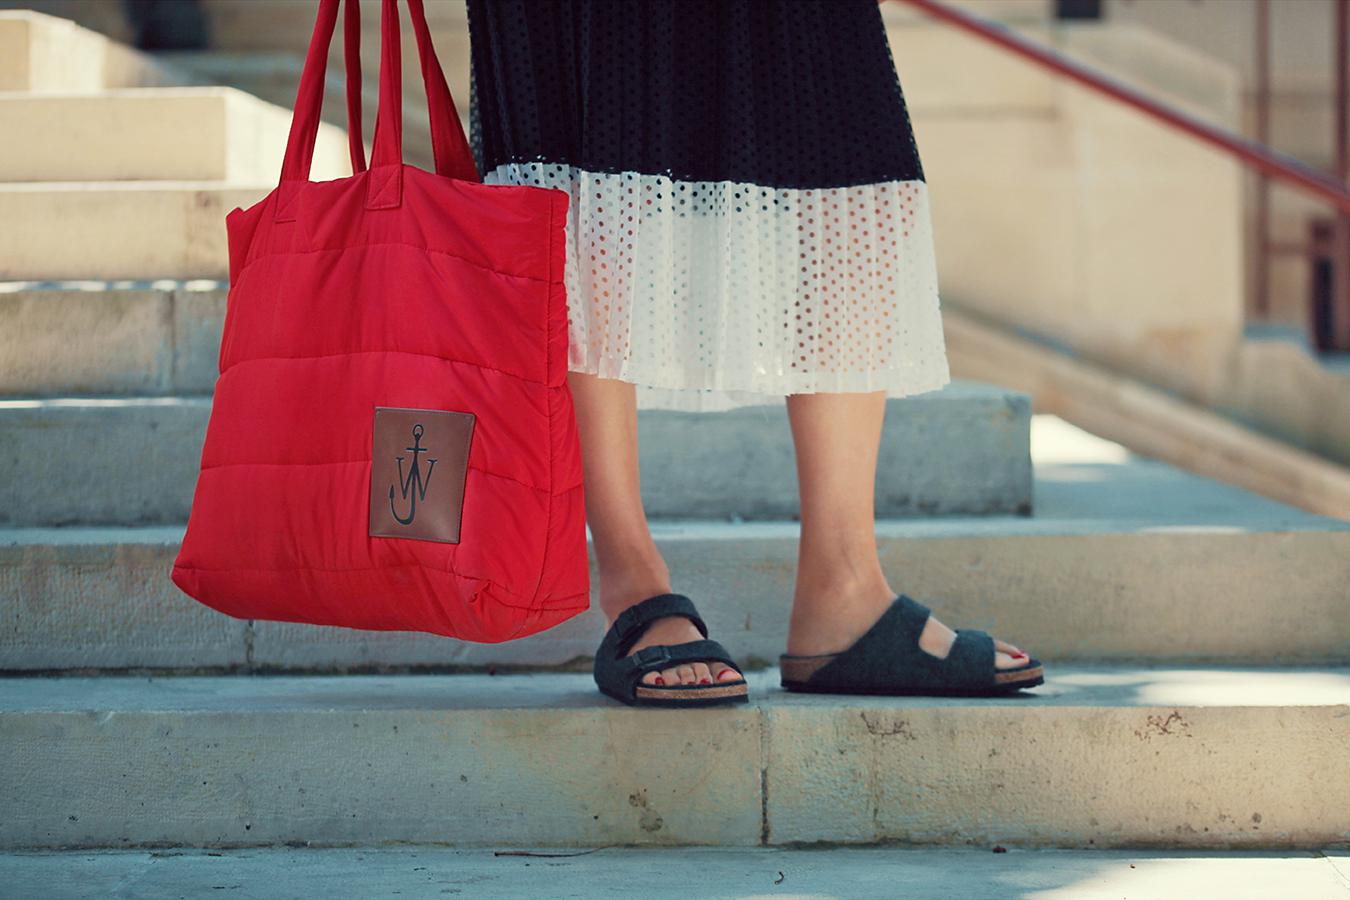 fusta sandro, sandale birkenstock si geanta de fas uniqlo x j.w. anderson